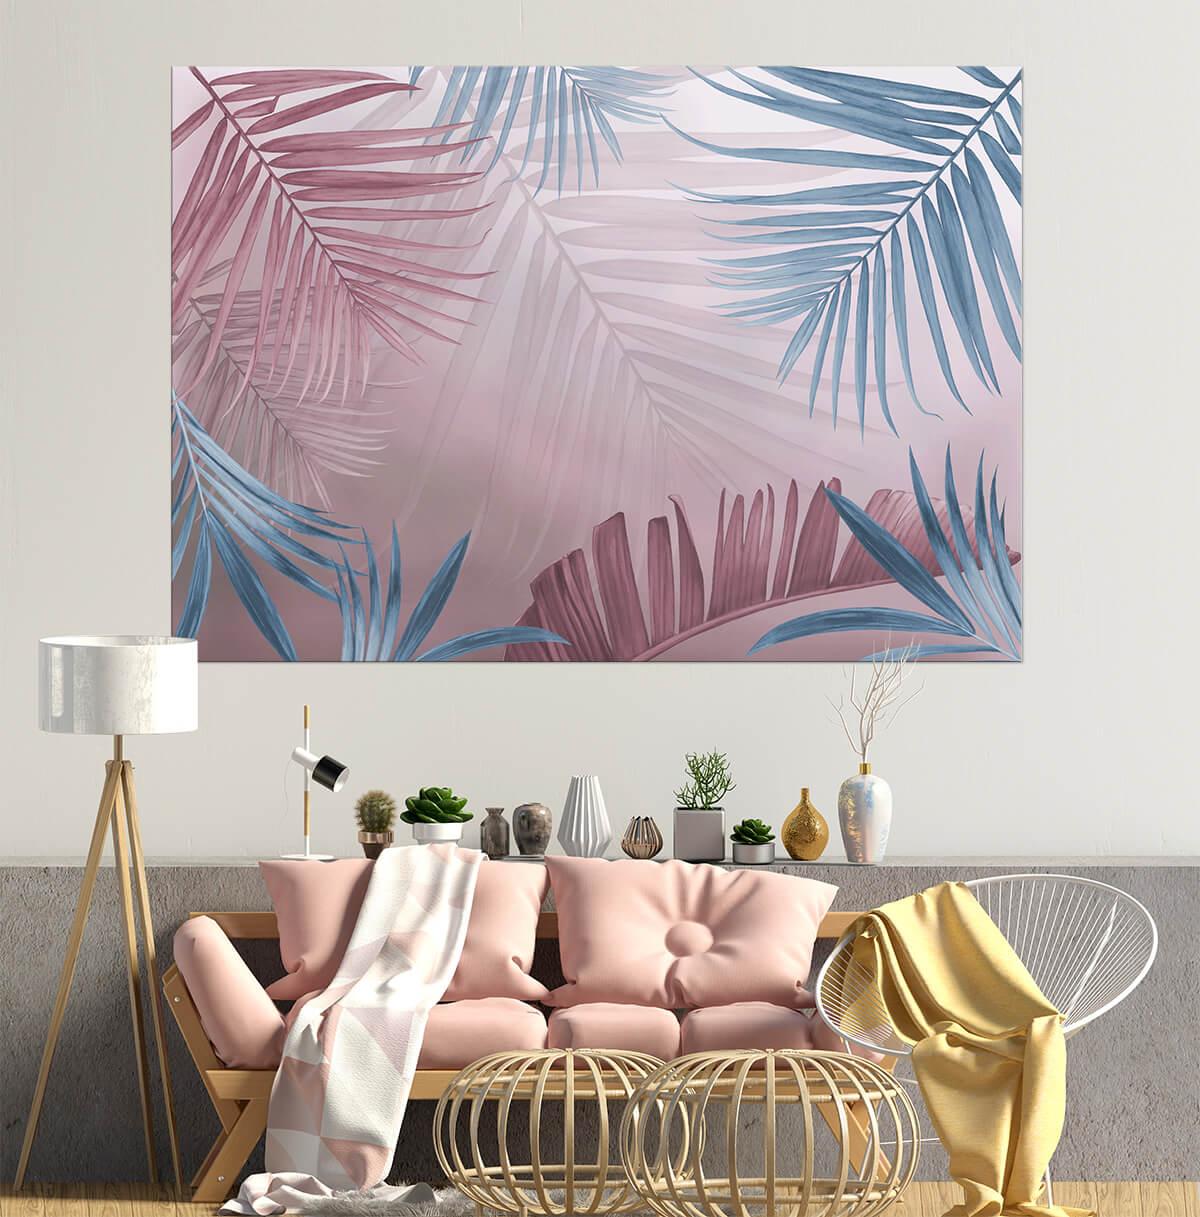 nastrojowy salon - artystyczne obrazy na ścianę